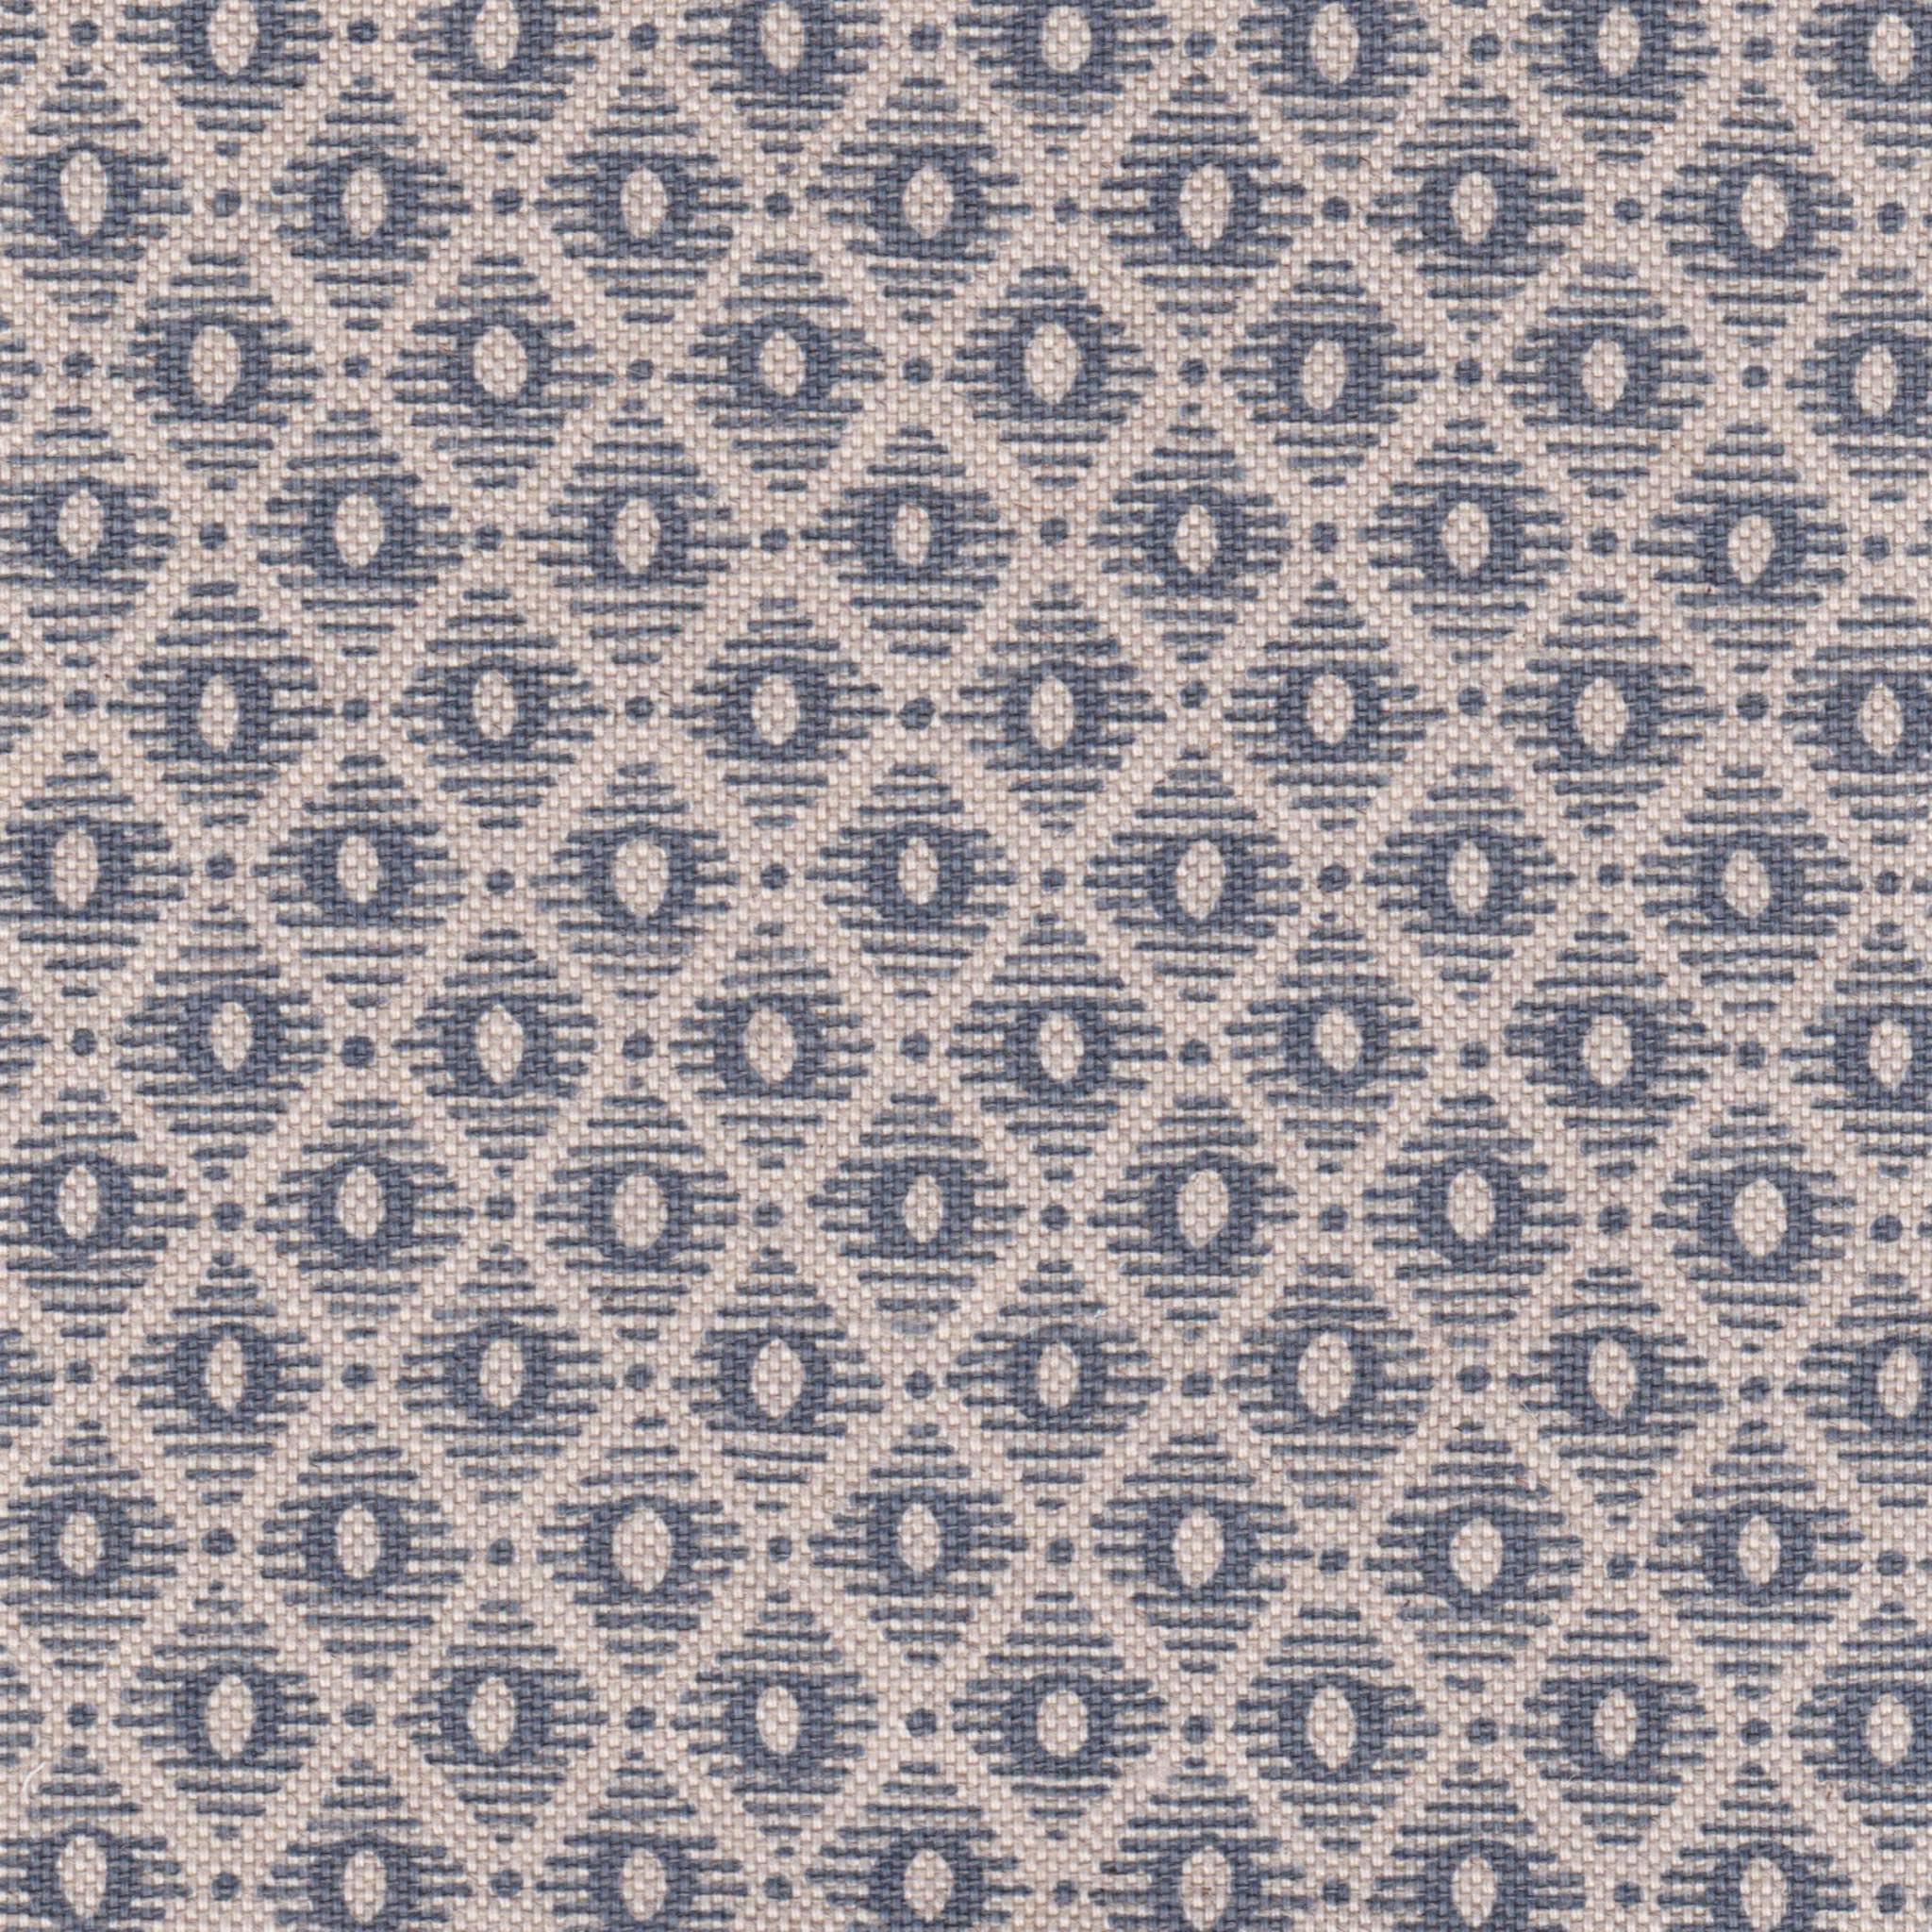 N&Y_Small Linen Prints_Gem_Indigo_Swatch_1x1_3.2MB.jpg